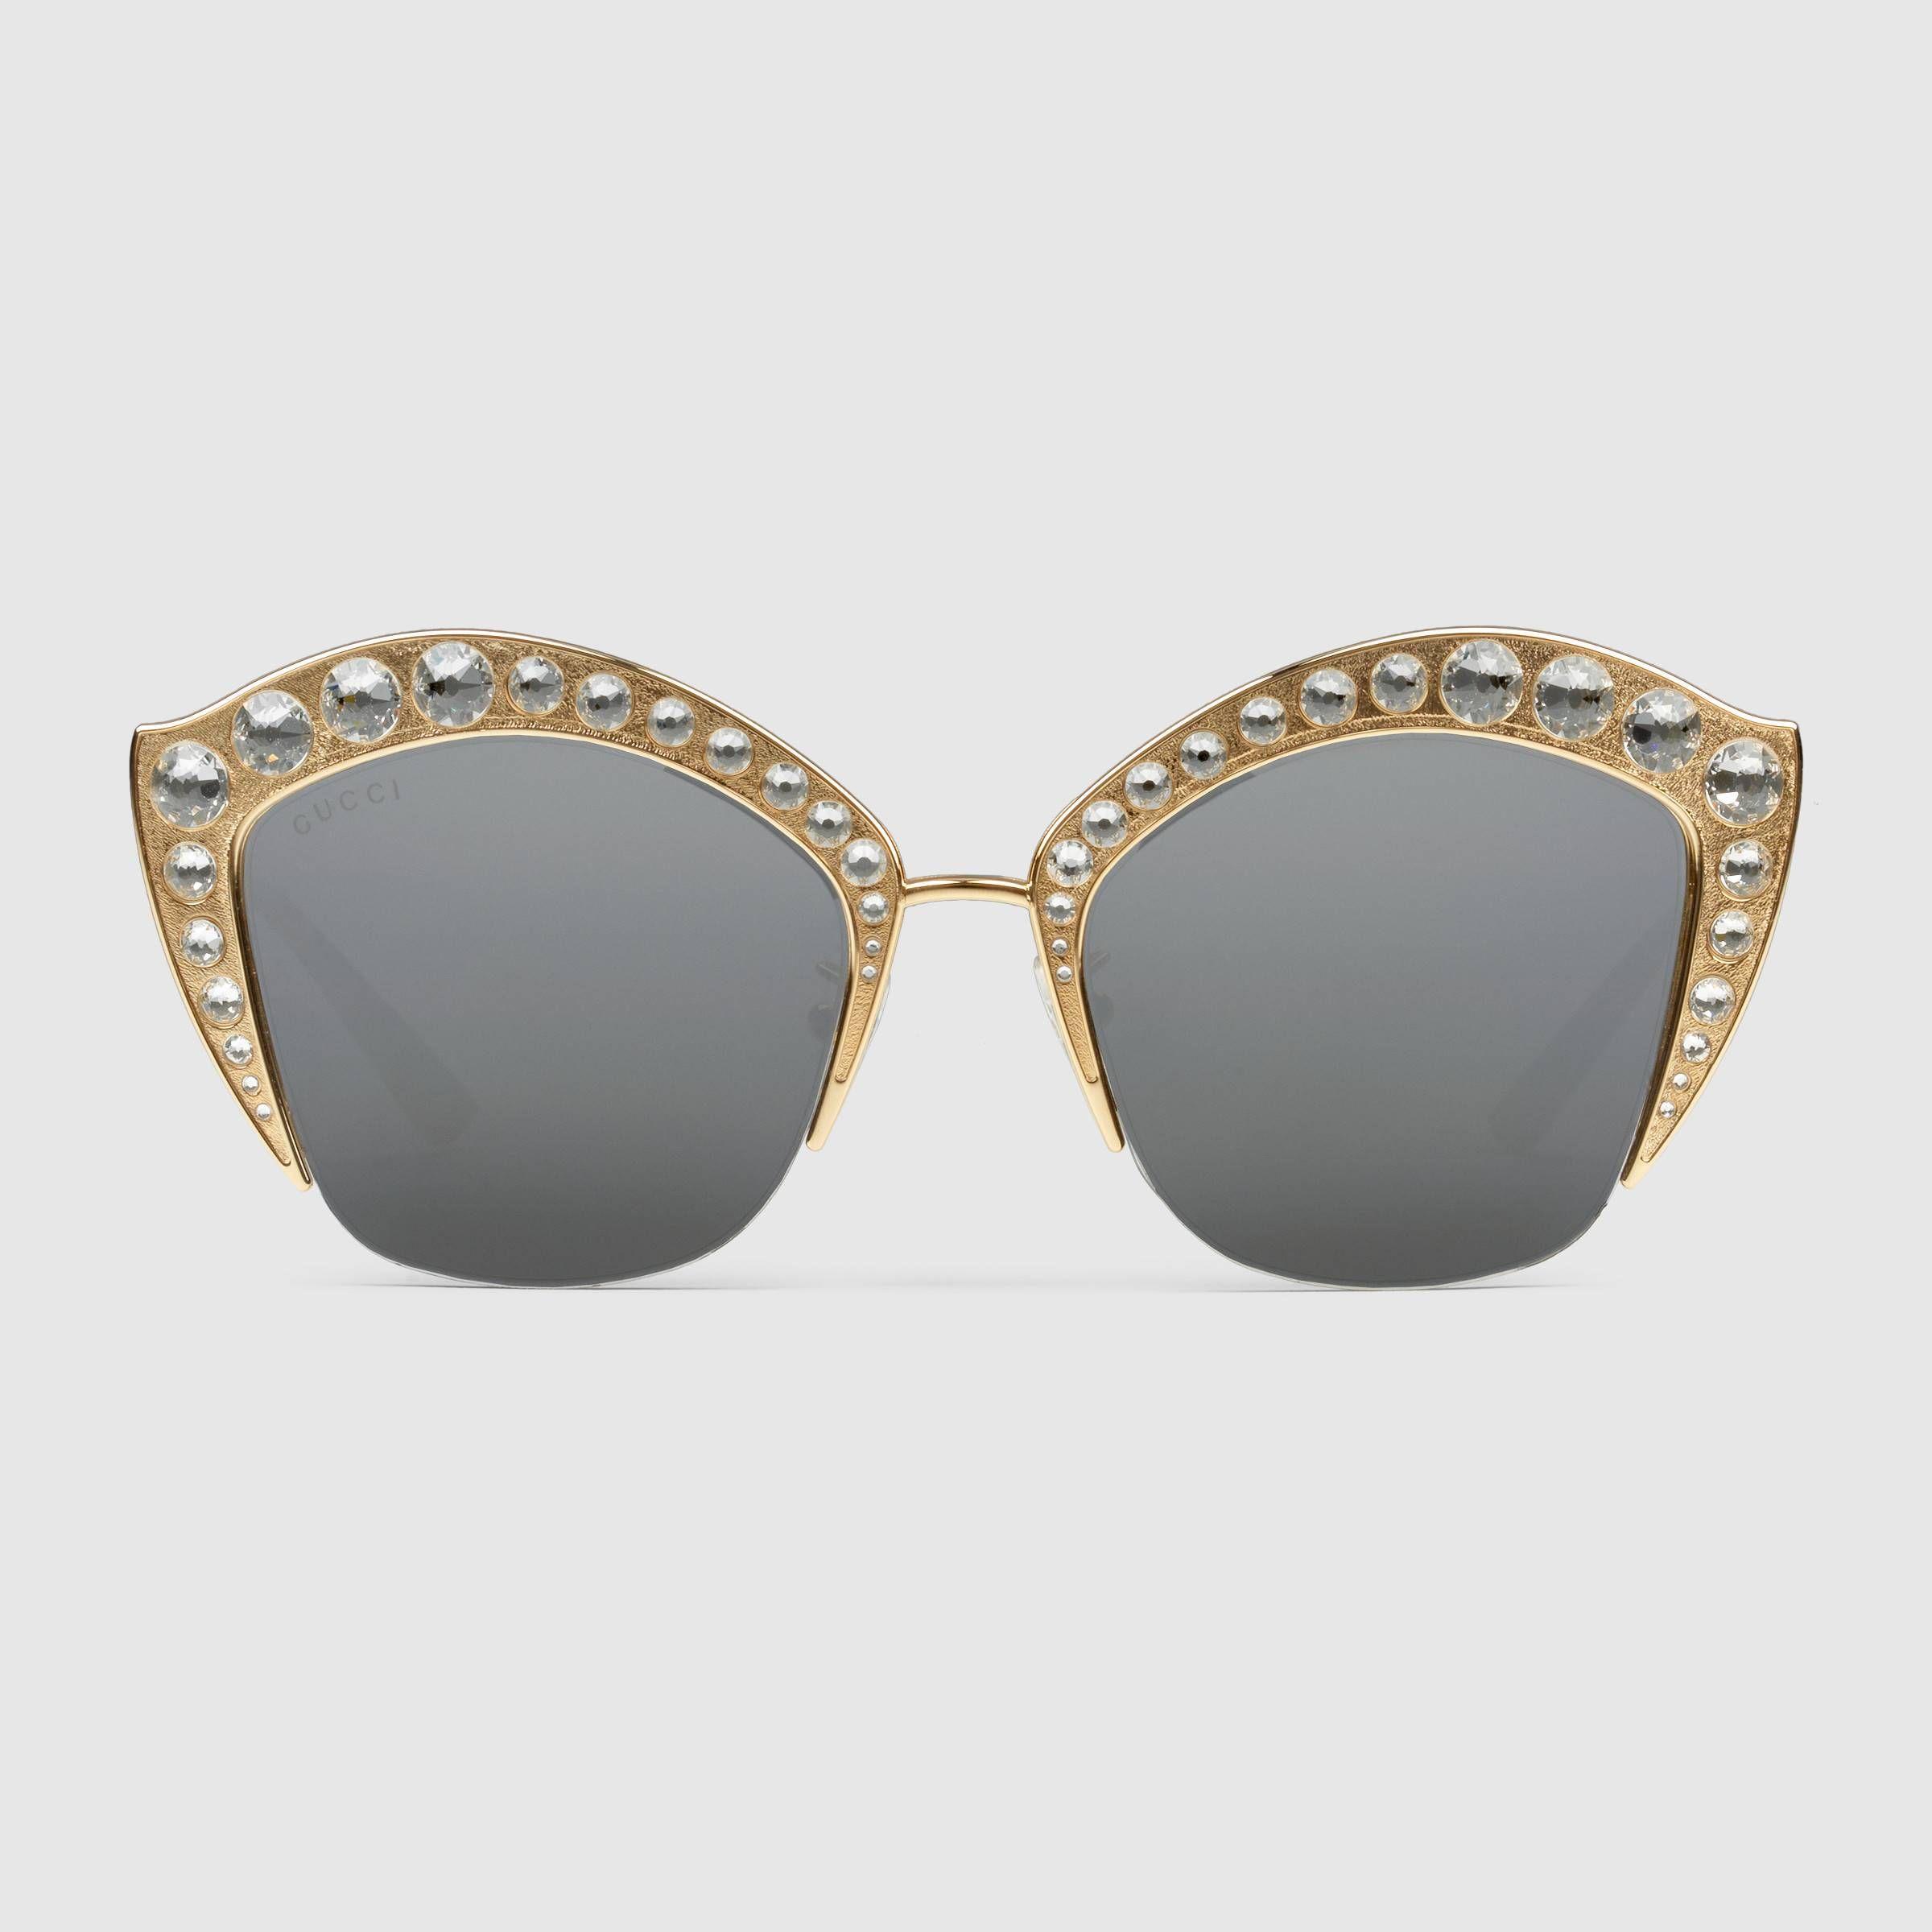 c5c58e361e7084 Lunettes de soleil œil-de-chat avec cristaux   Glasses   Pinterest ...